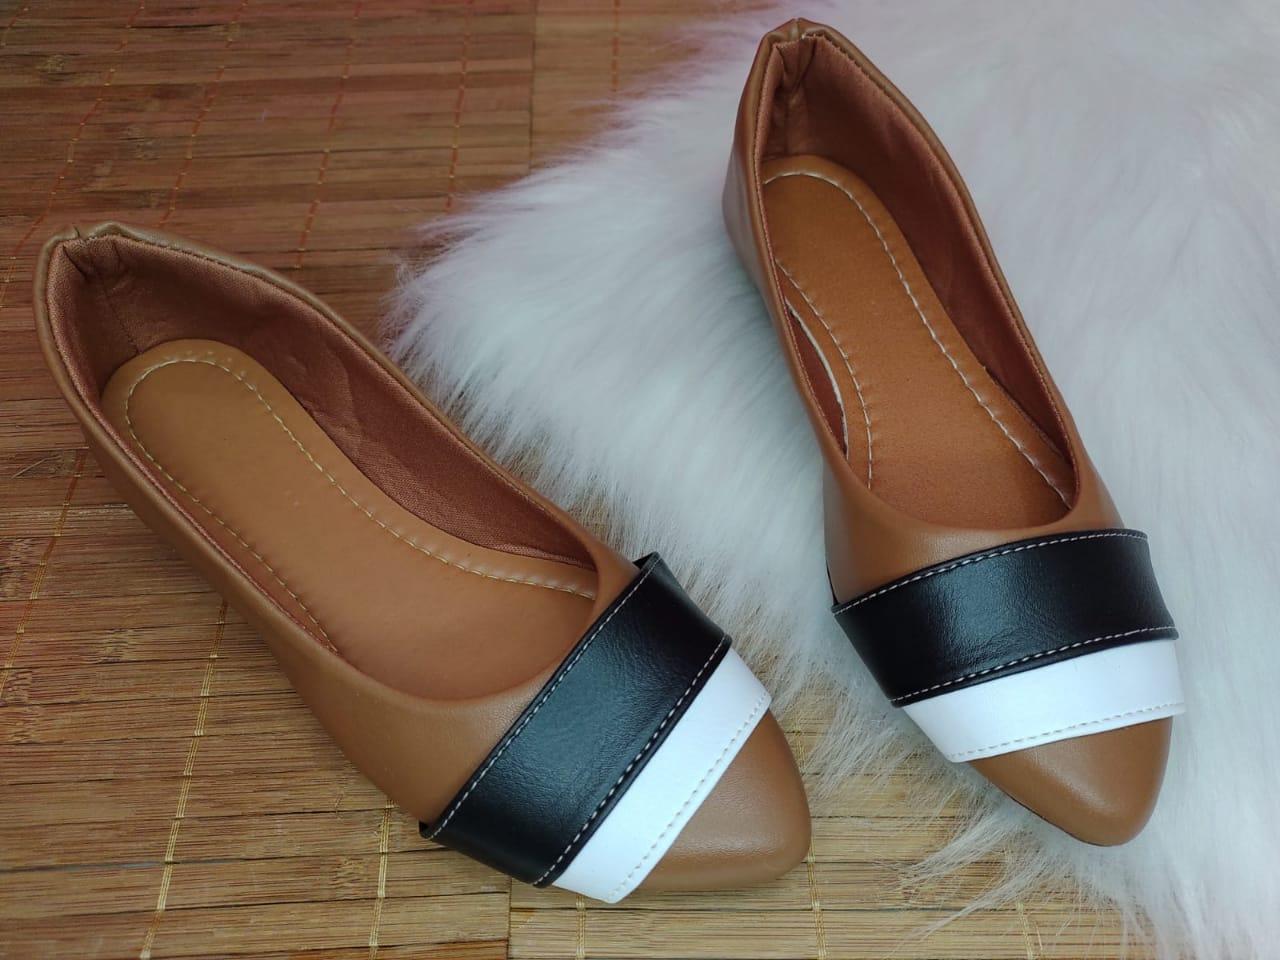 Sapatilhas Marrom - Duas Tiras cores Branca e Preta.